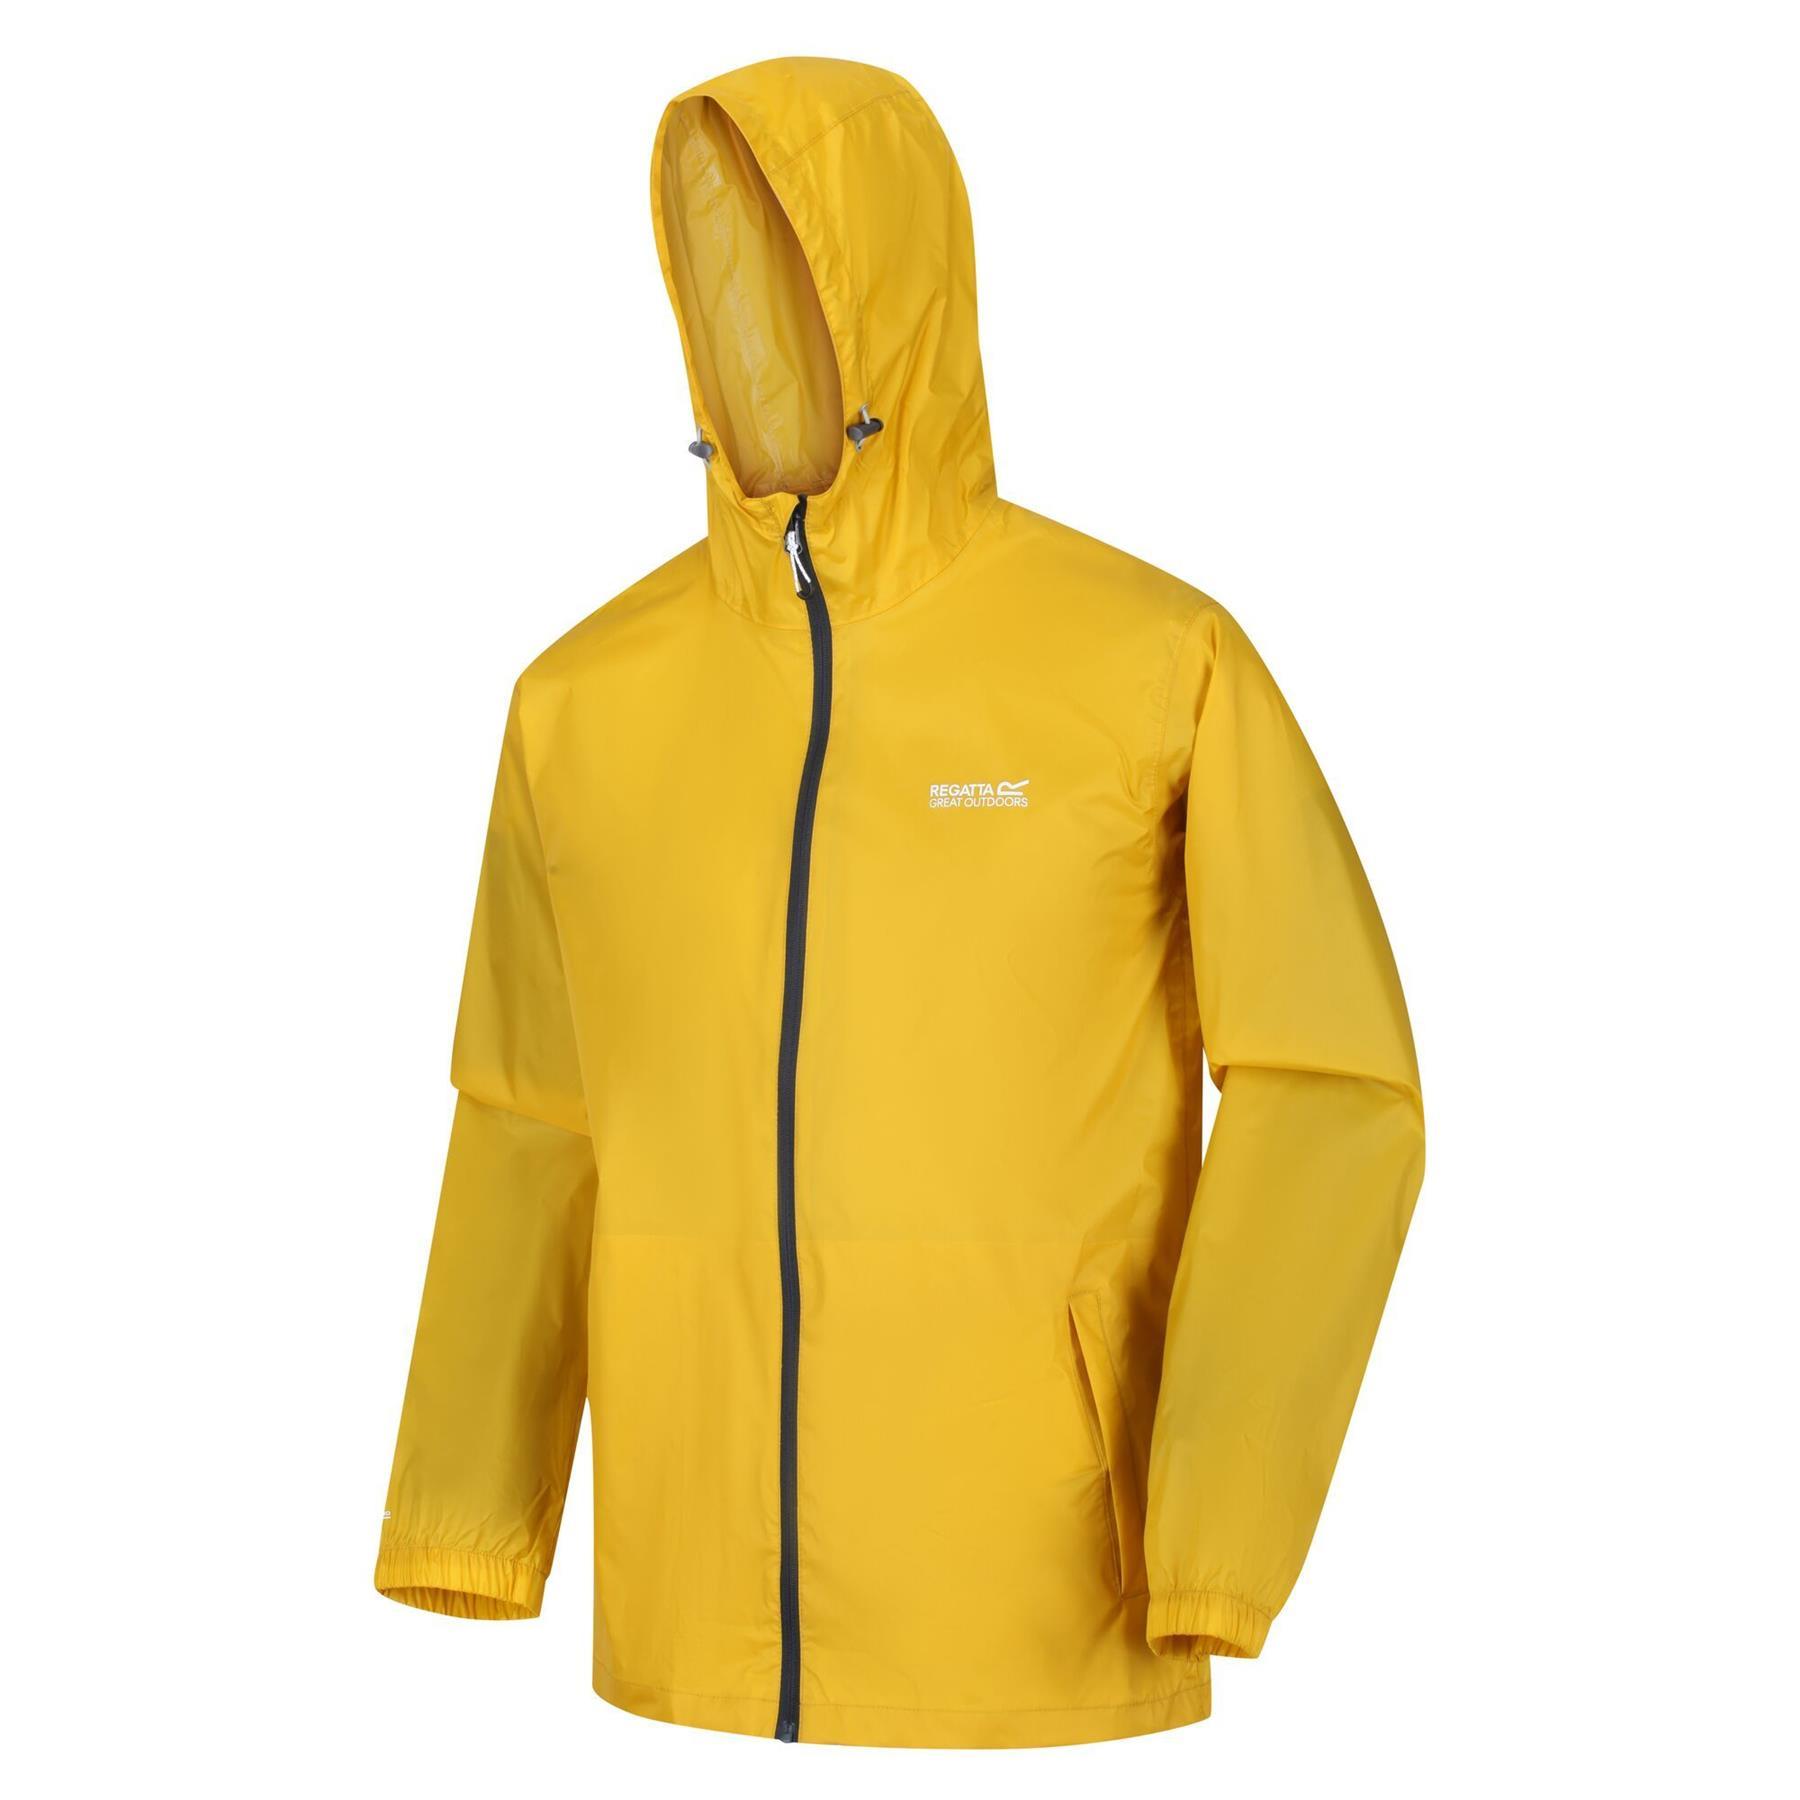 miniatuur 24 - Regatta Mens Pack-it In a bag Packable Waterproof Jacket Outdoor Pack a mac